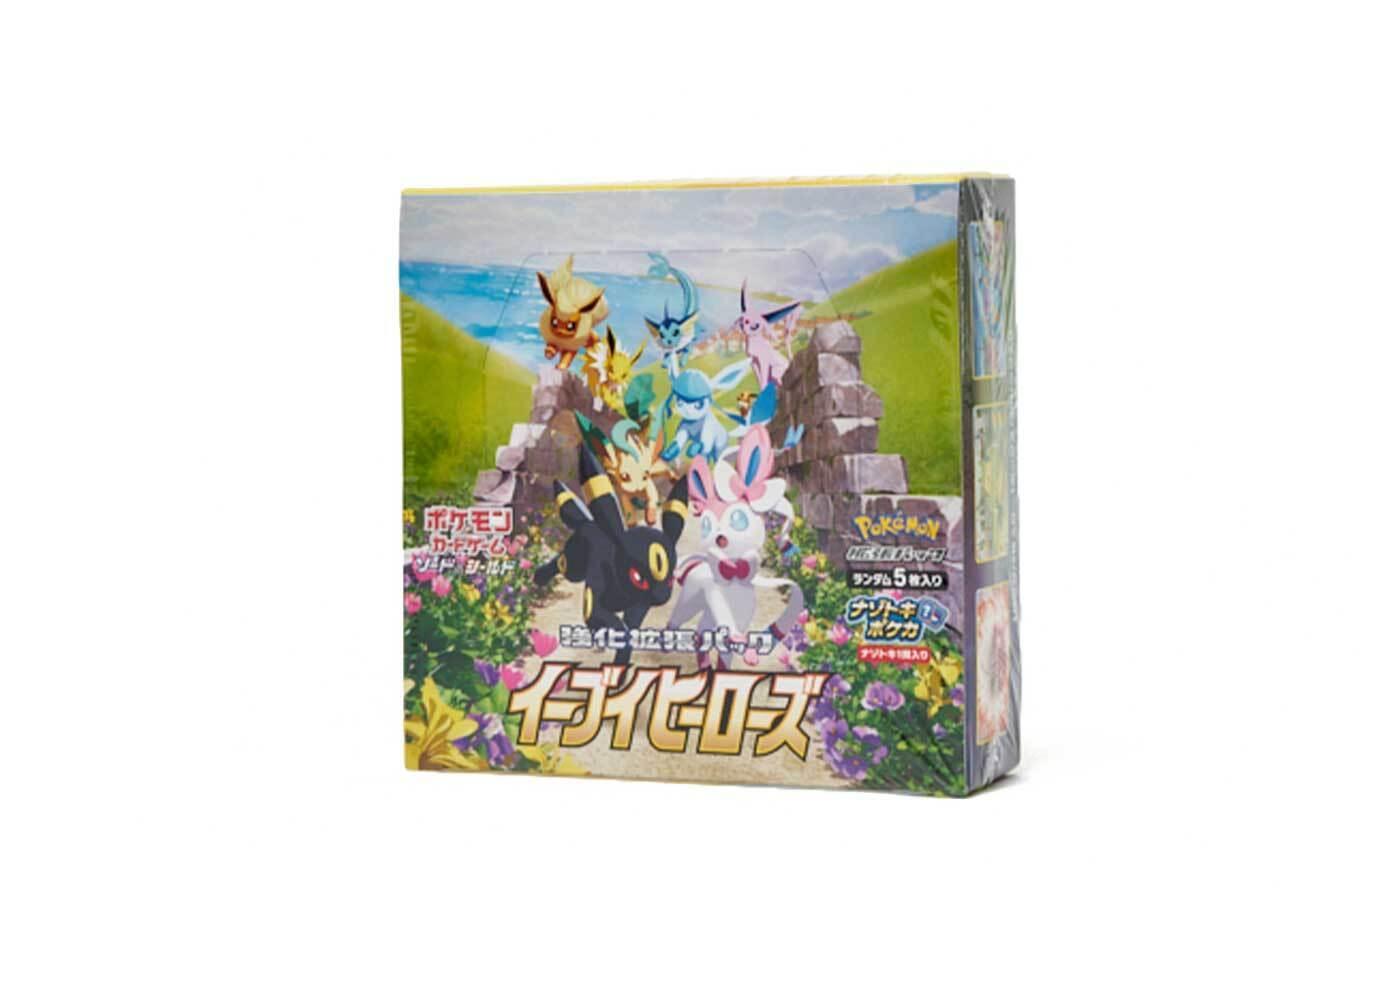 ポケモンカードゲーム ソード & シールド 強化拡張パック イーブイヒーローズ BOXの写真